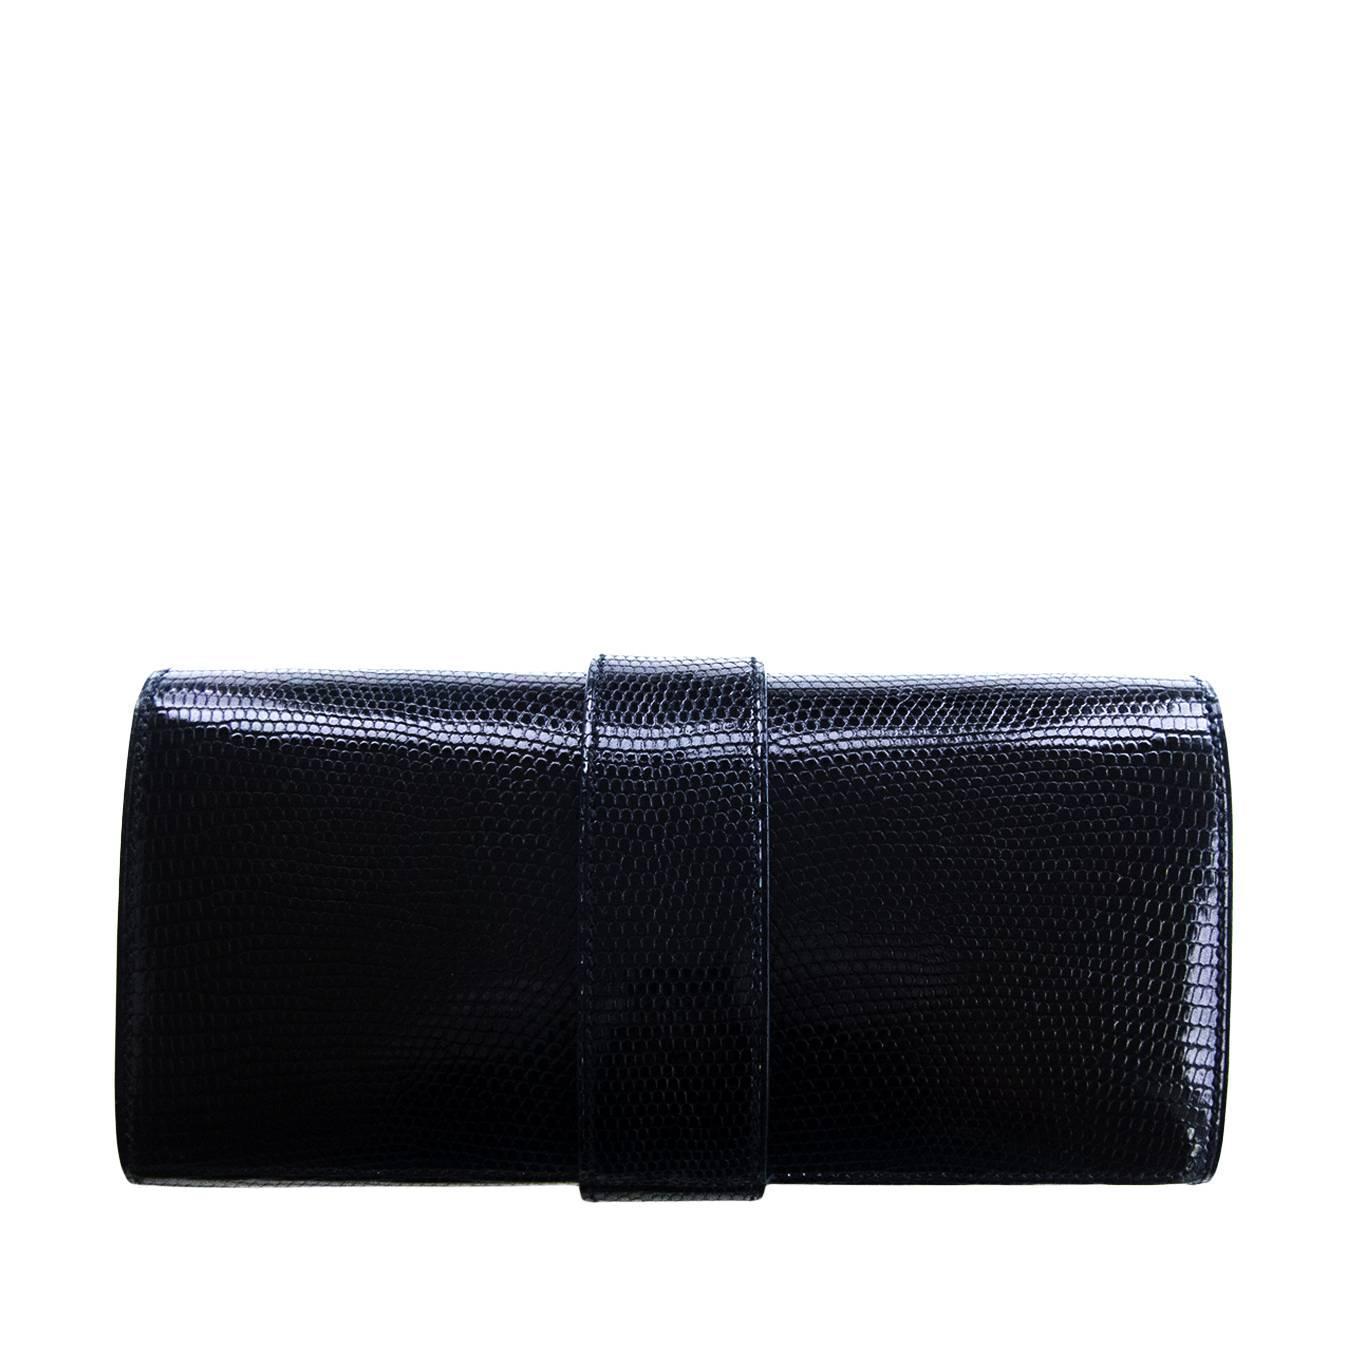 mens hermes wallet - Hermes Black Lizard Niloticus Lisse Medor Pochette 23cm Clutch Bag ...